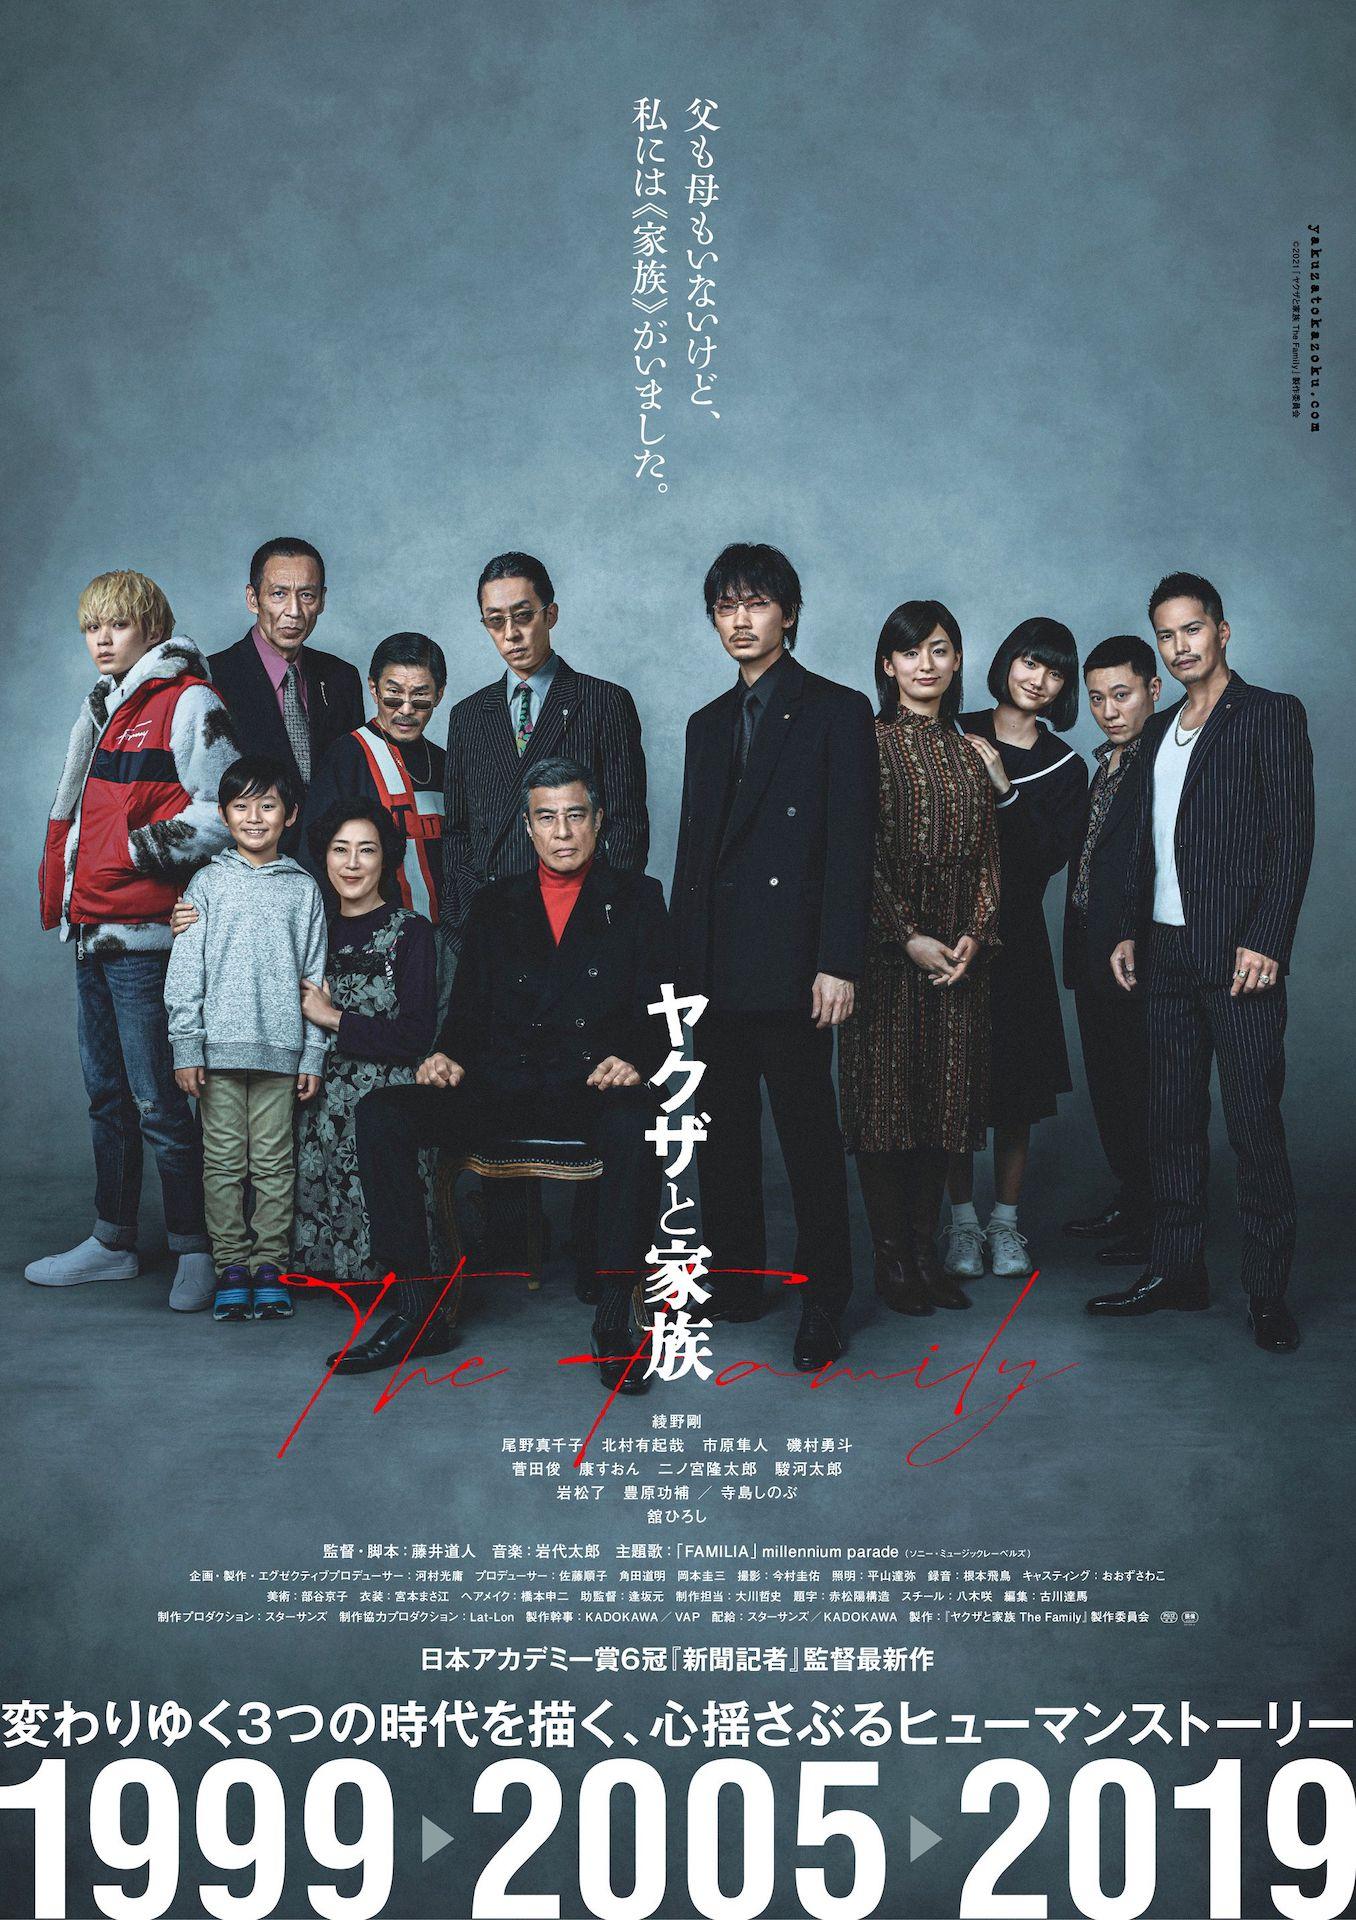 【9/1、有楽町】『ヤクザと家族 the family』プレチケ上映企画!